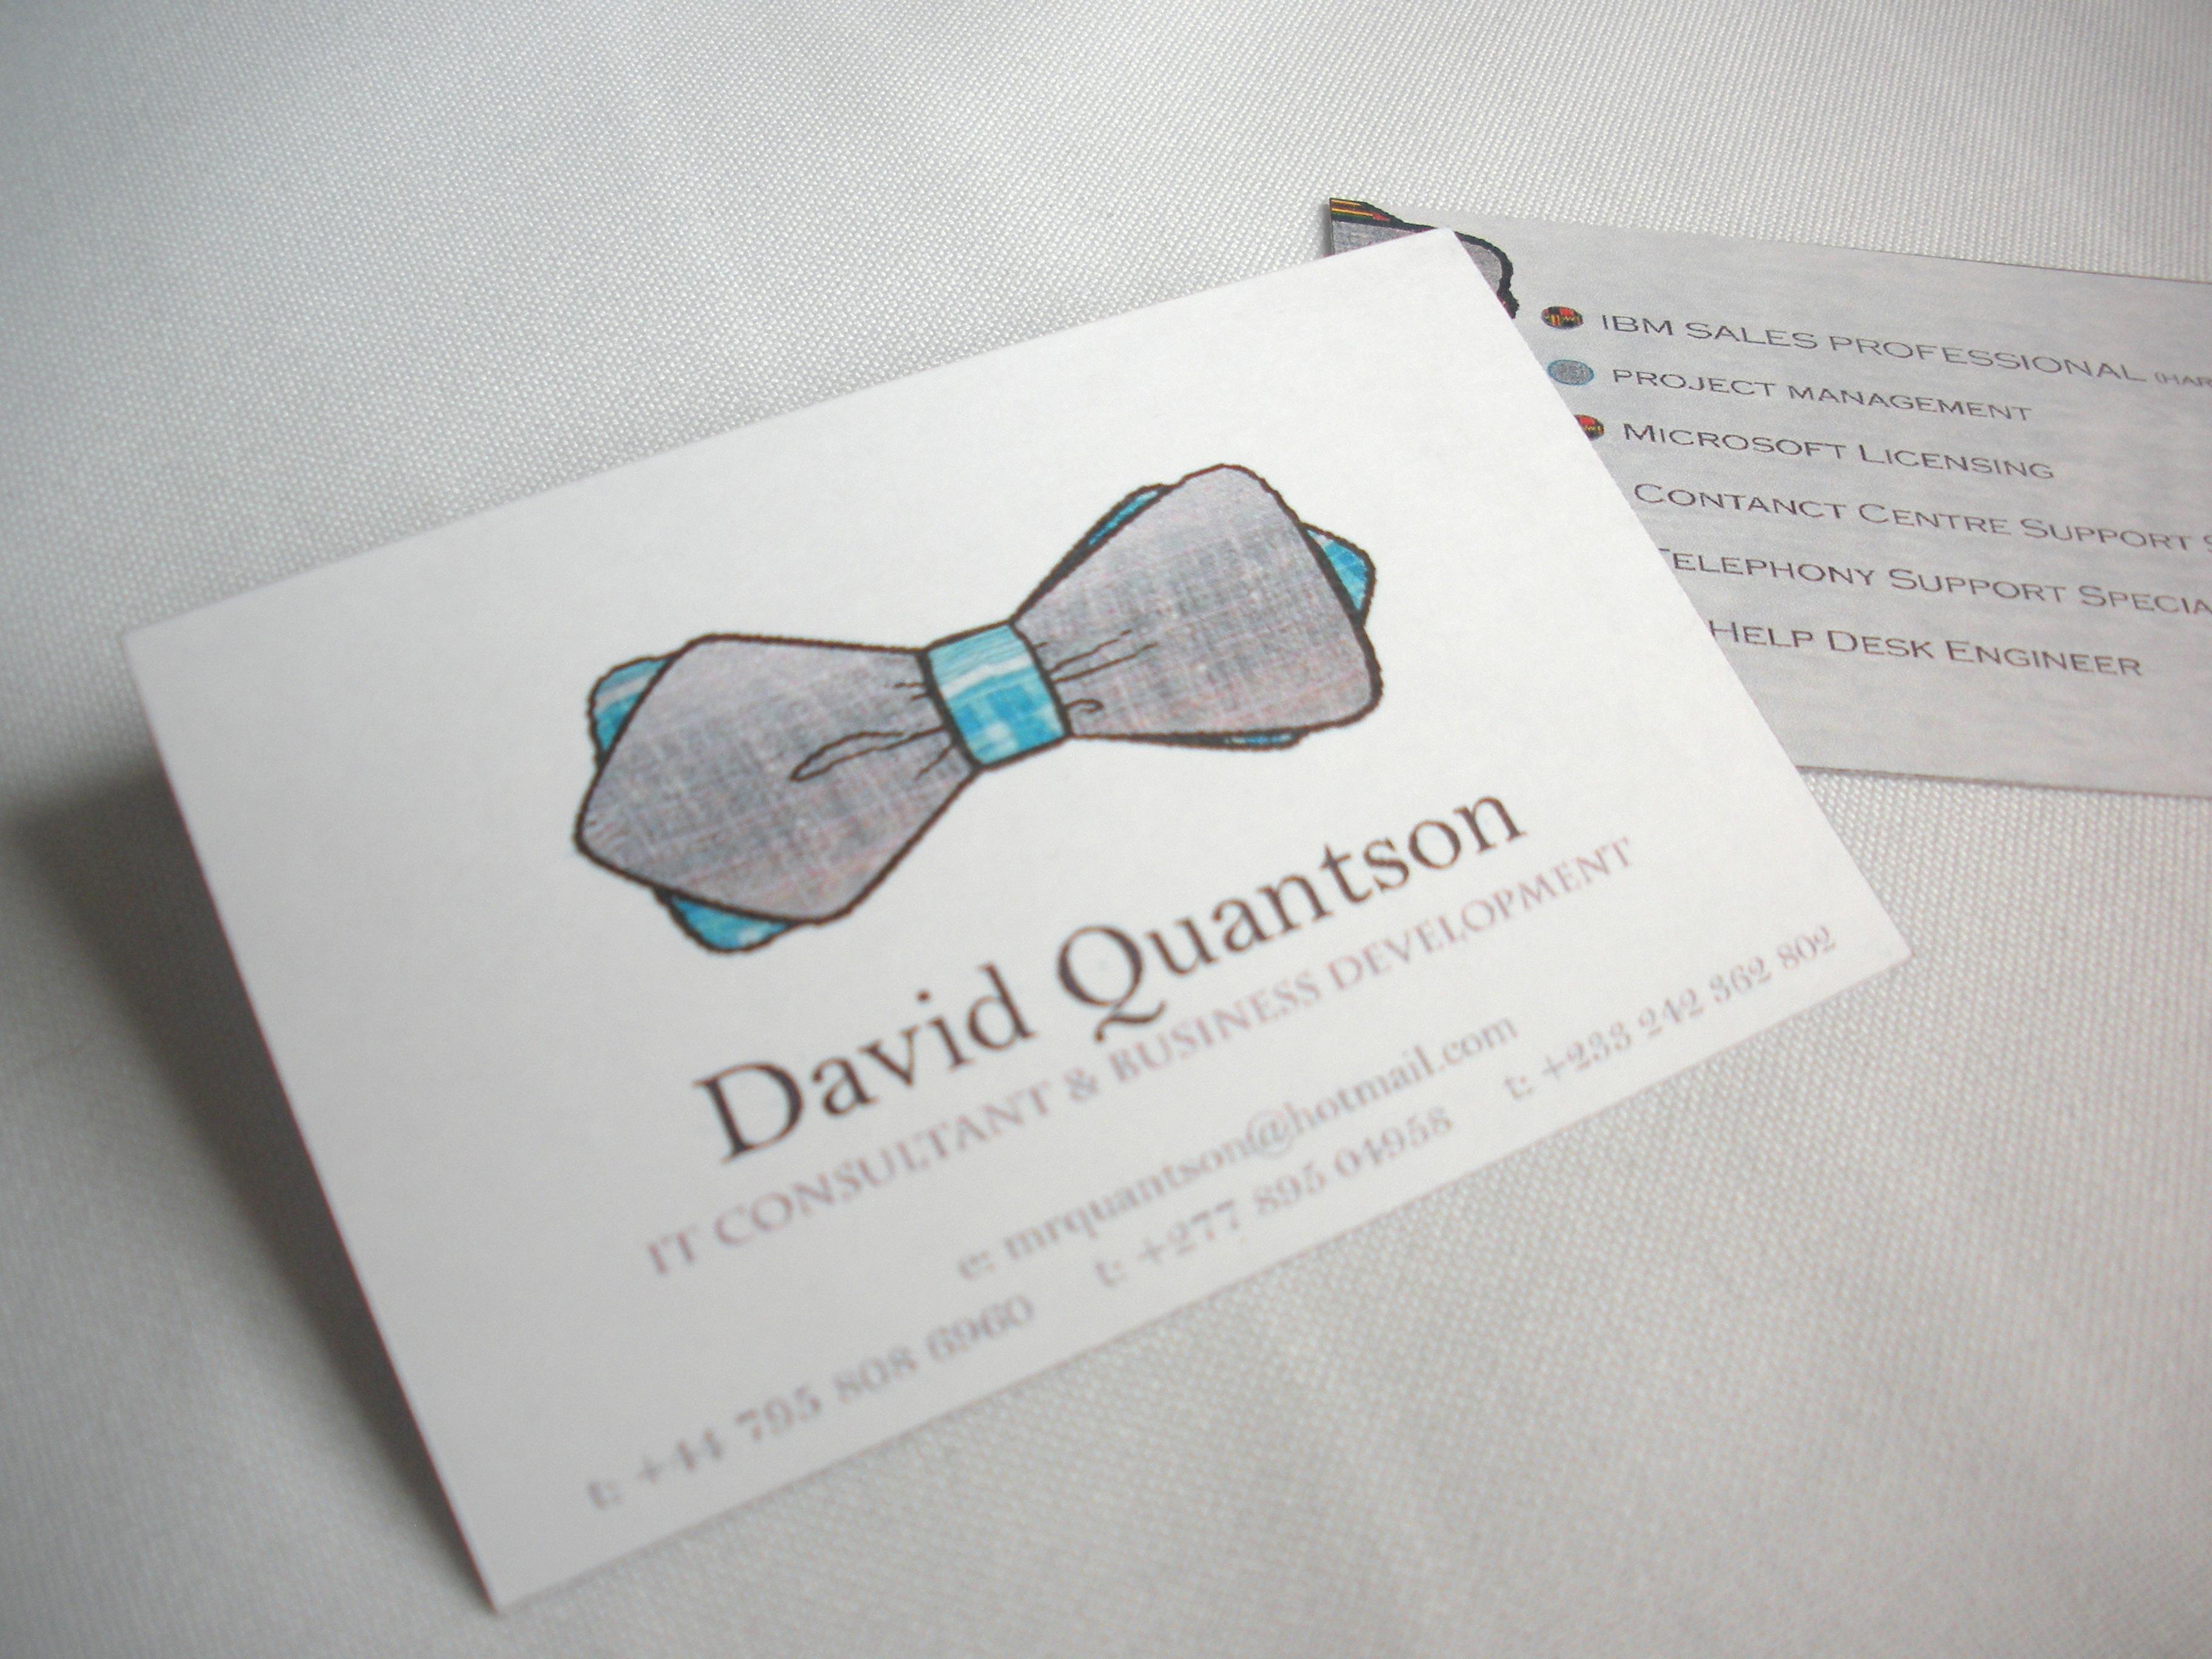 Mr Quantson's Business Cards